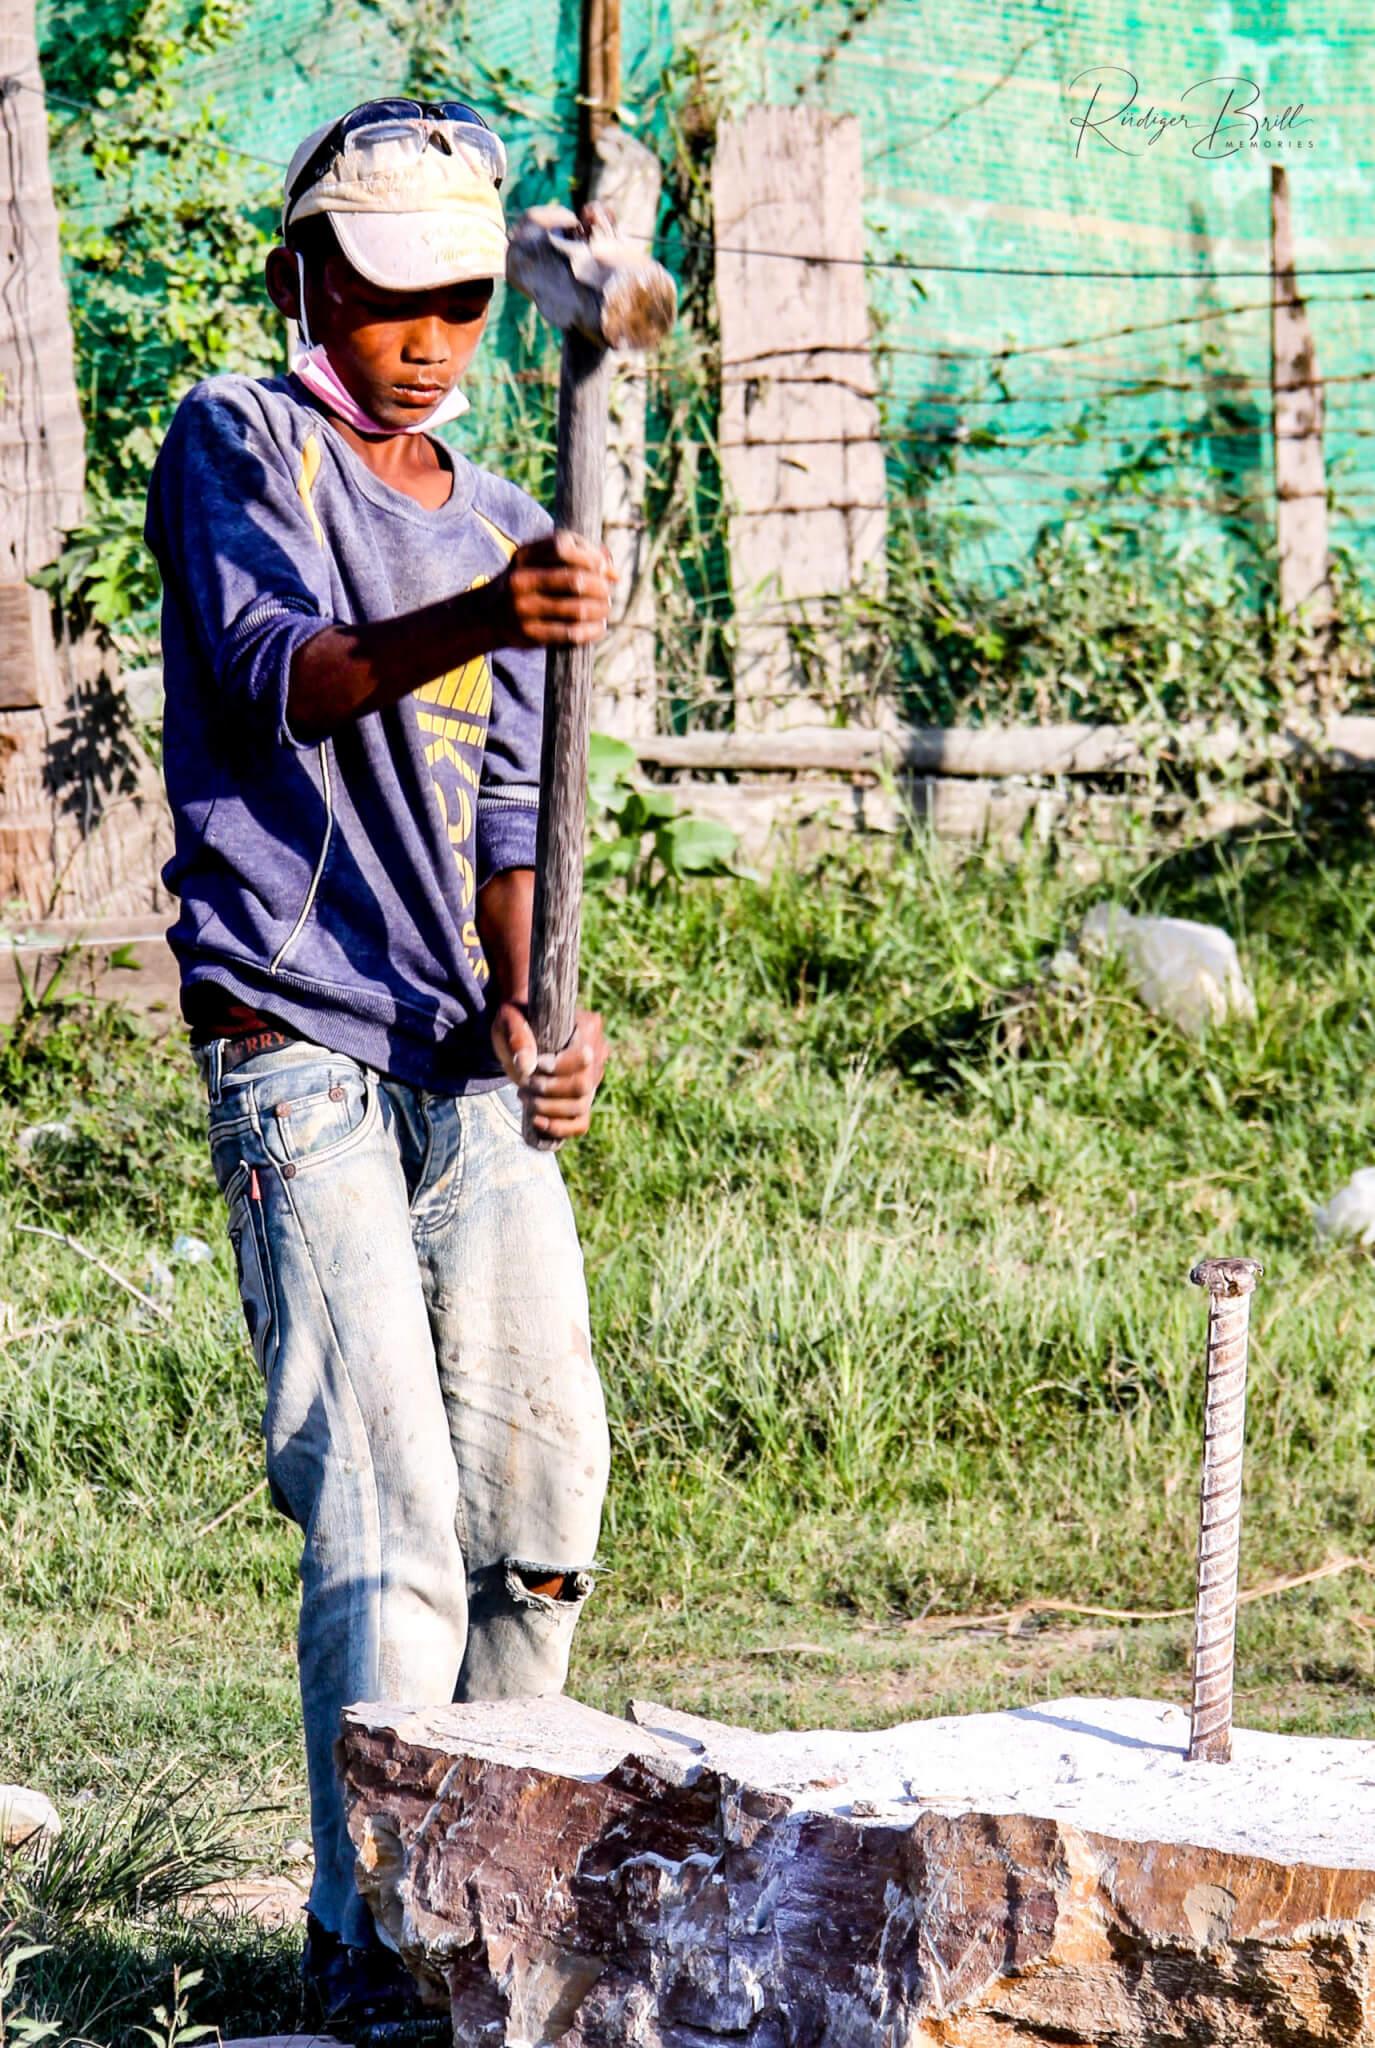 Ein Jugendlicher spaltet mit einem 8 Kilo schweren Hammer einen Steinblock